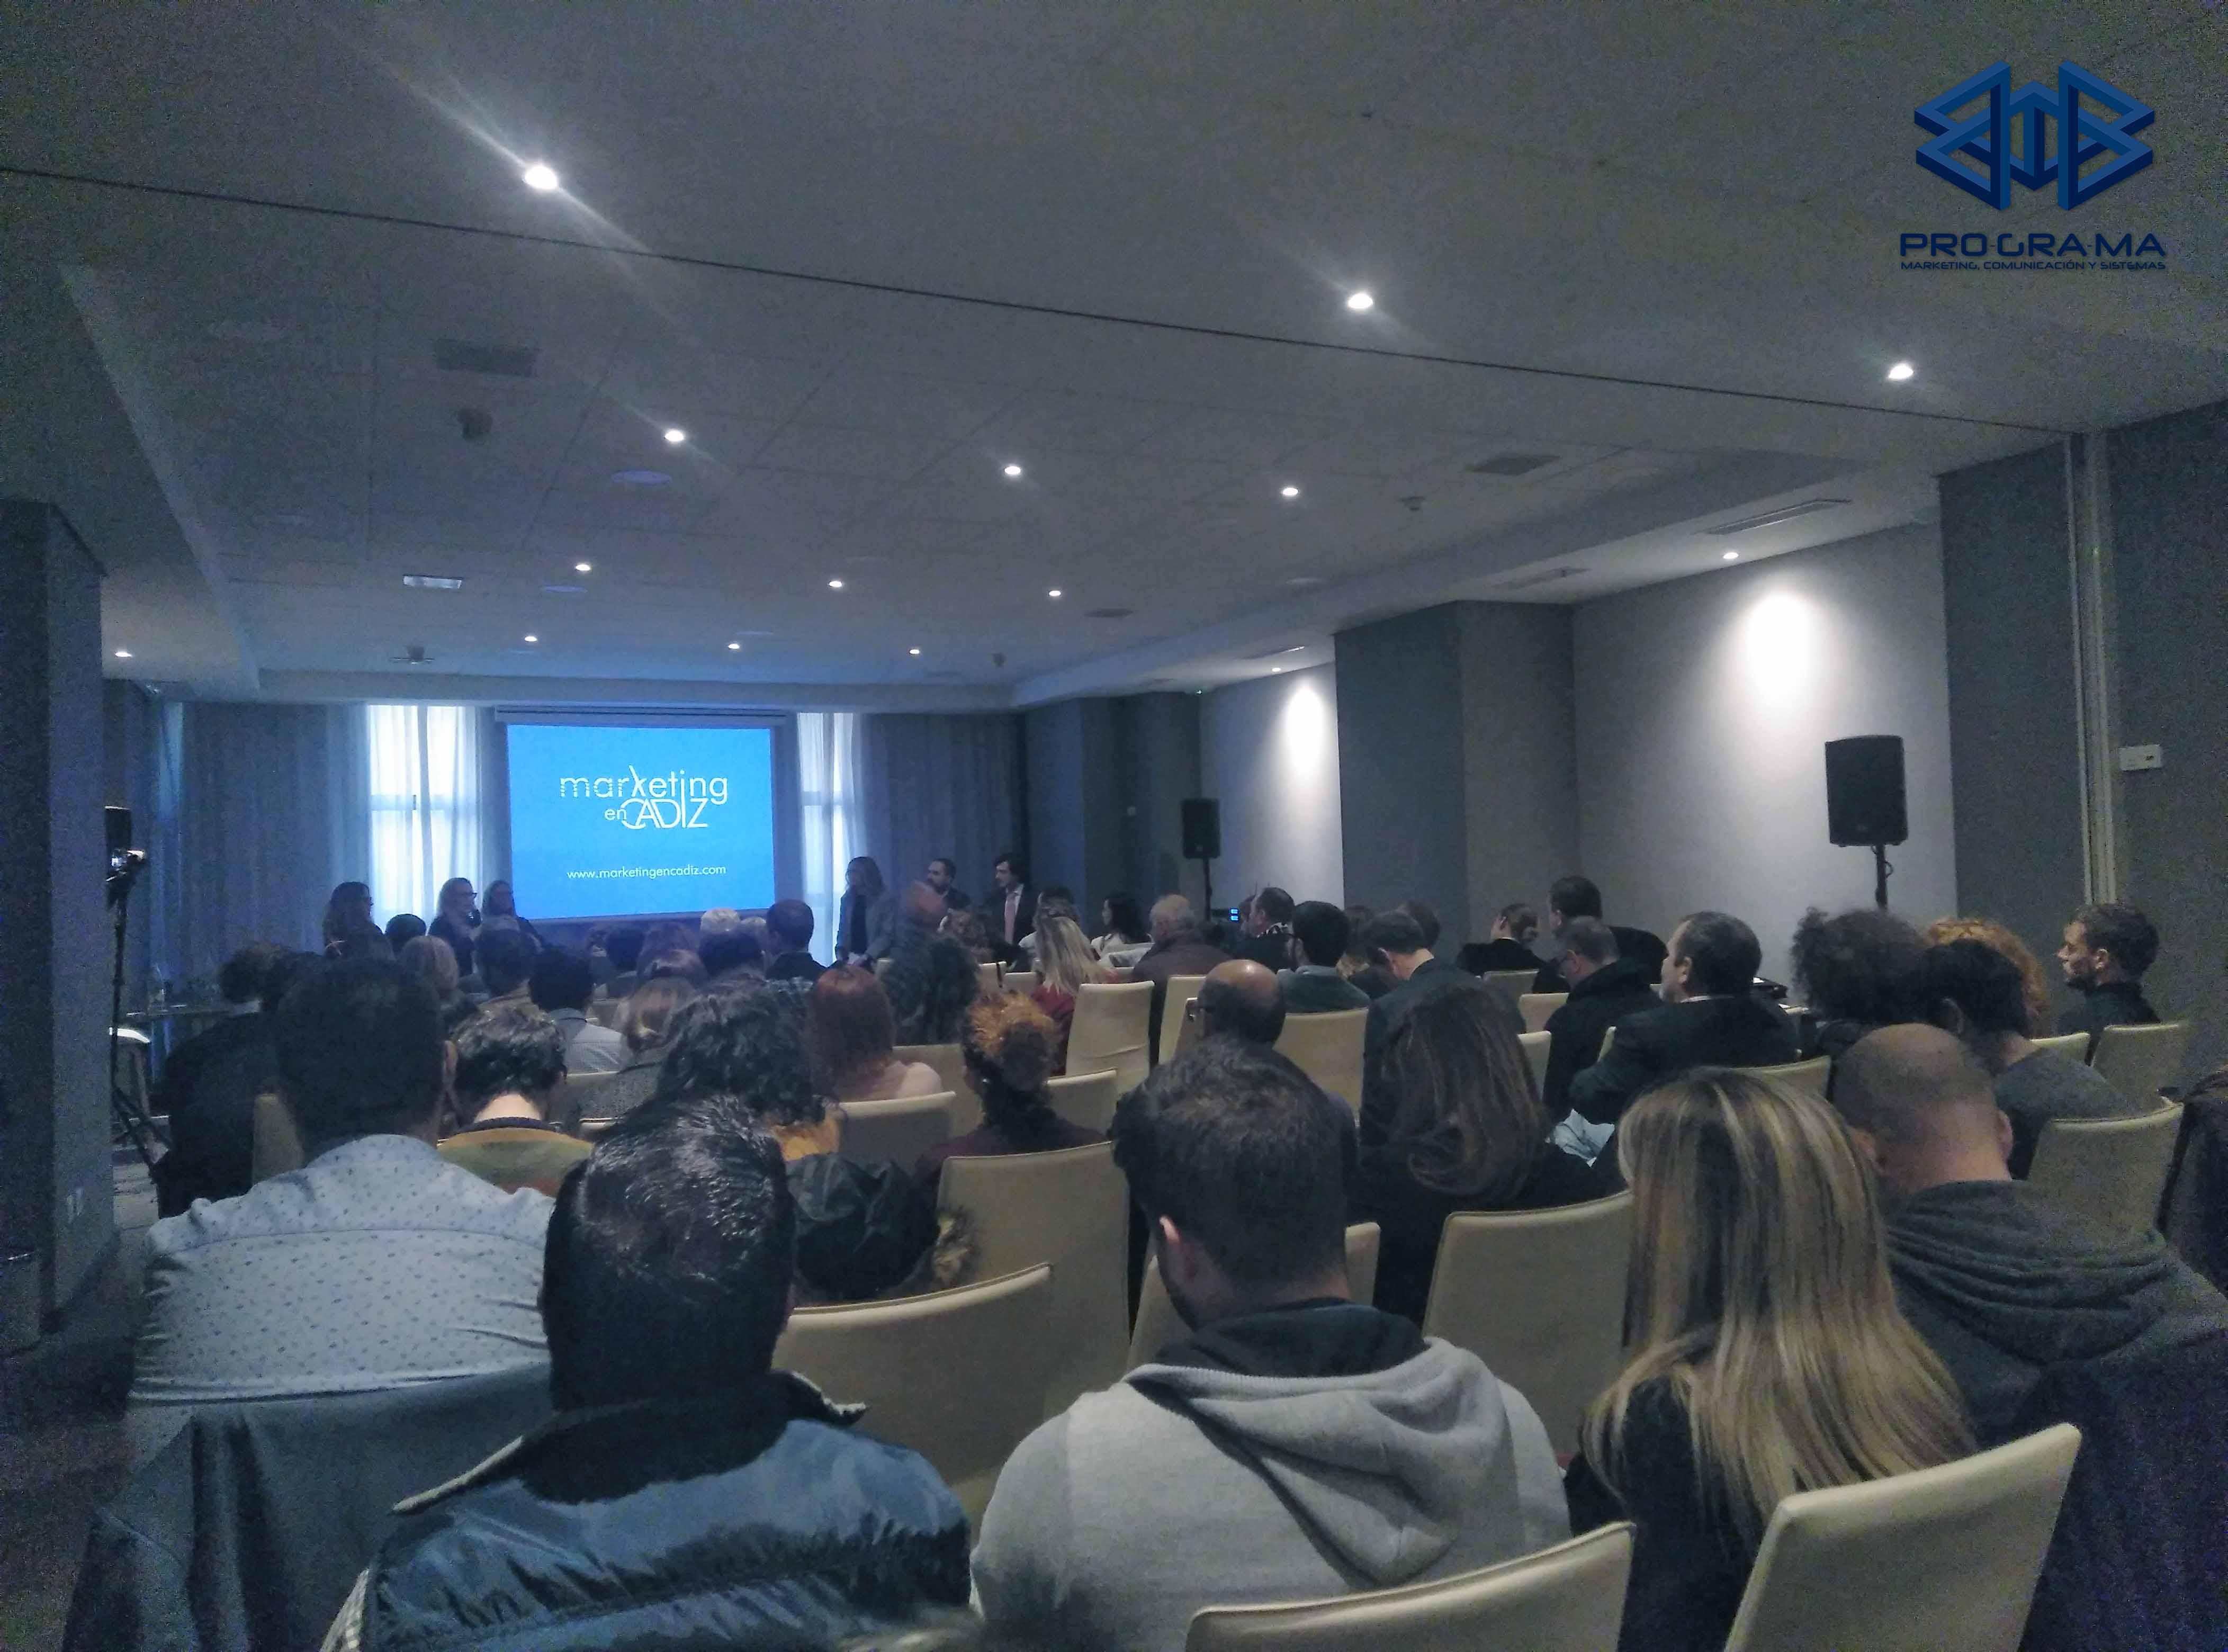 presentación asociación marketing en Cádiz 003